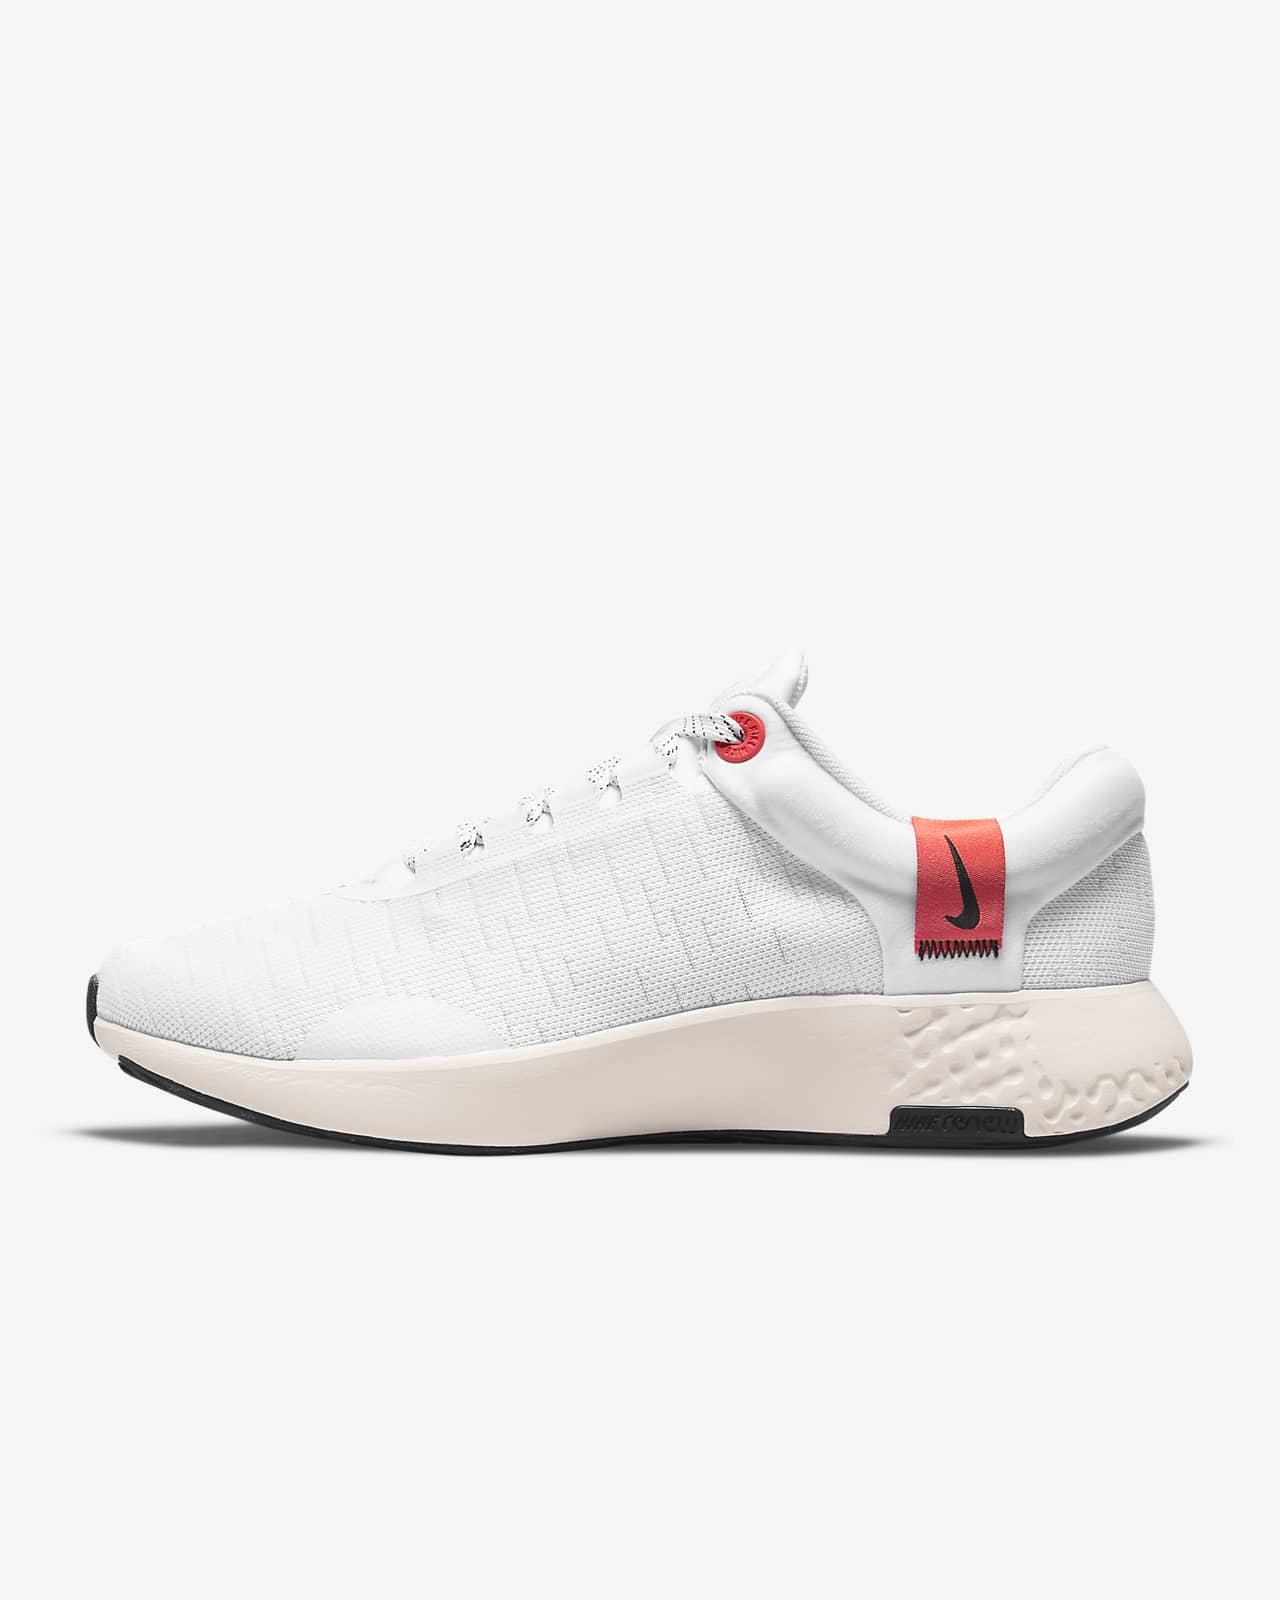 รองเท้าวิ่งโร้ดรันนิ่งผู้หญิง Nike Renew Serenity Run